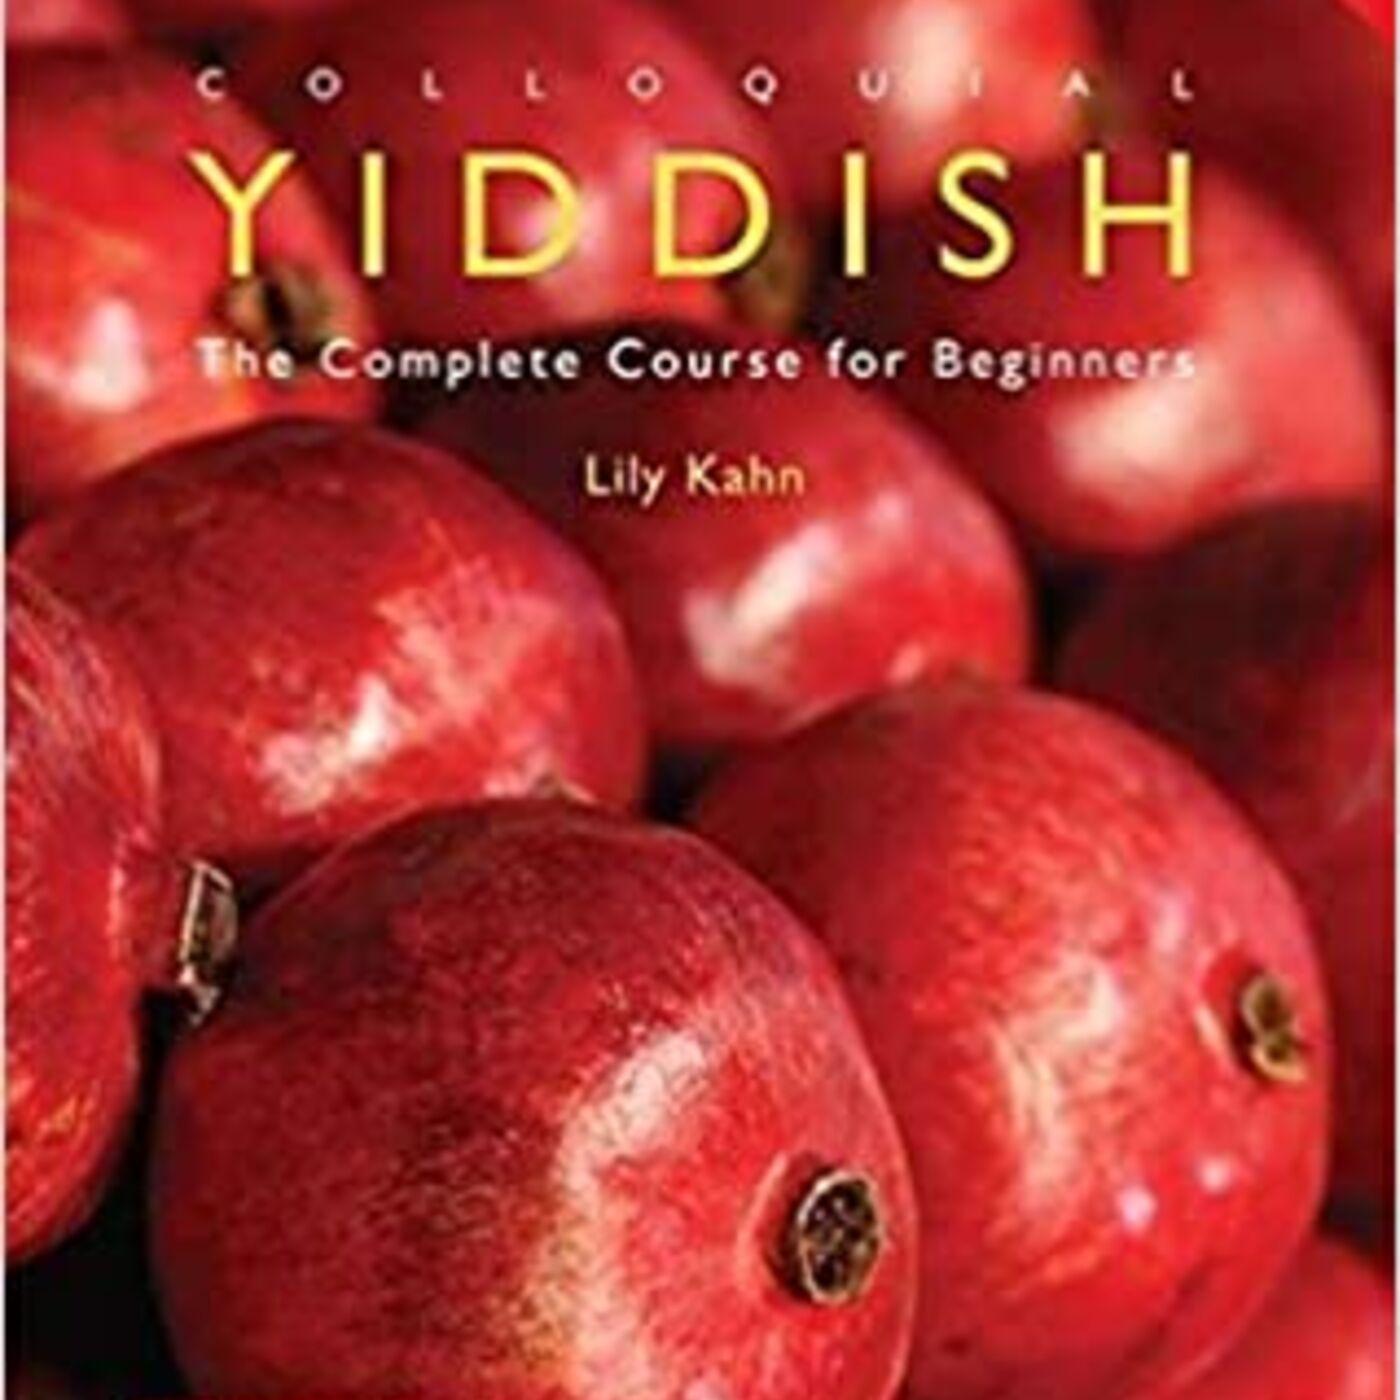 Yiddish: Strange but Familiar